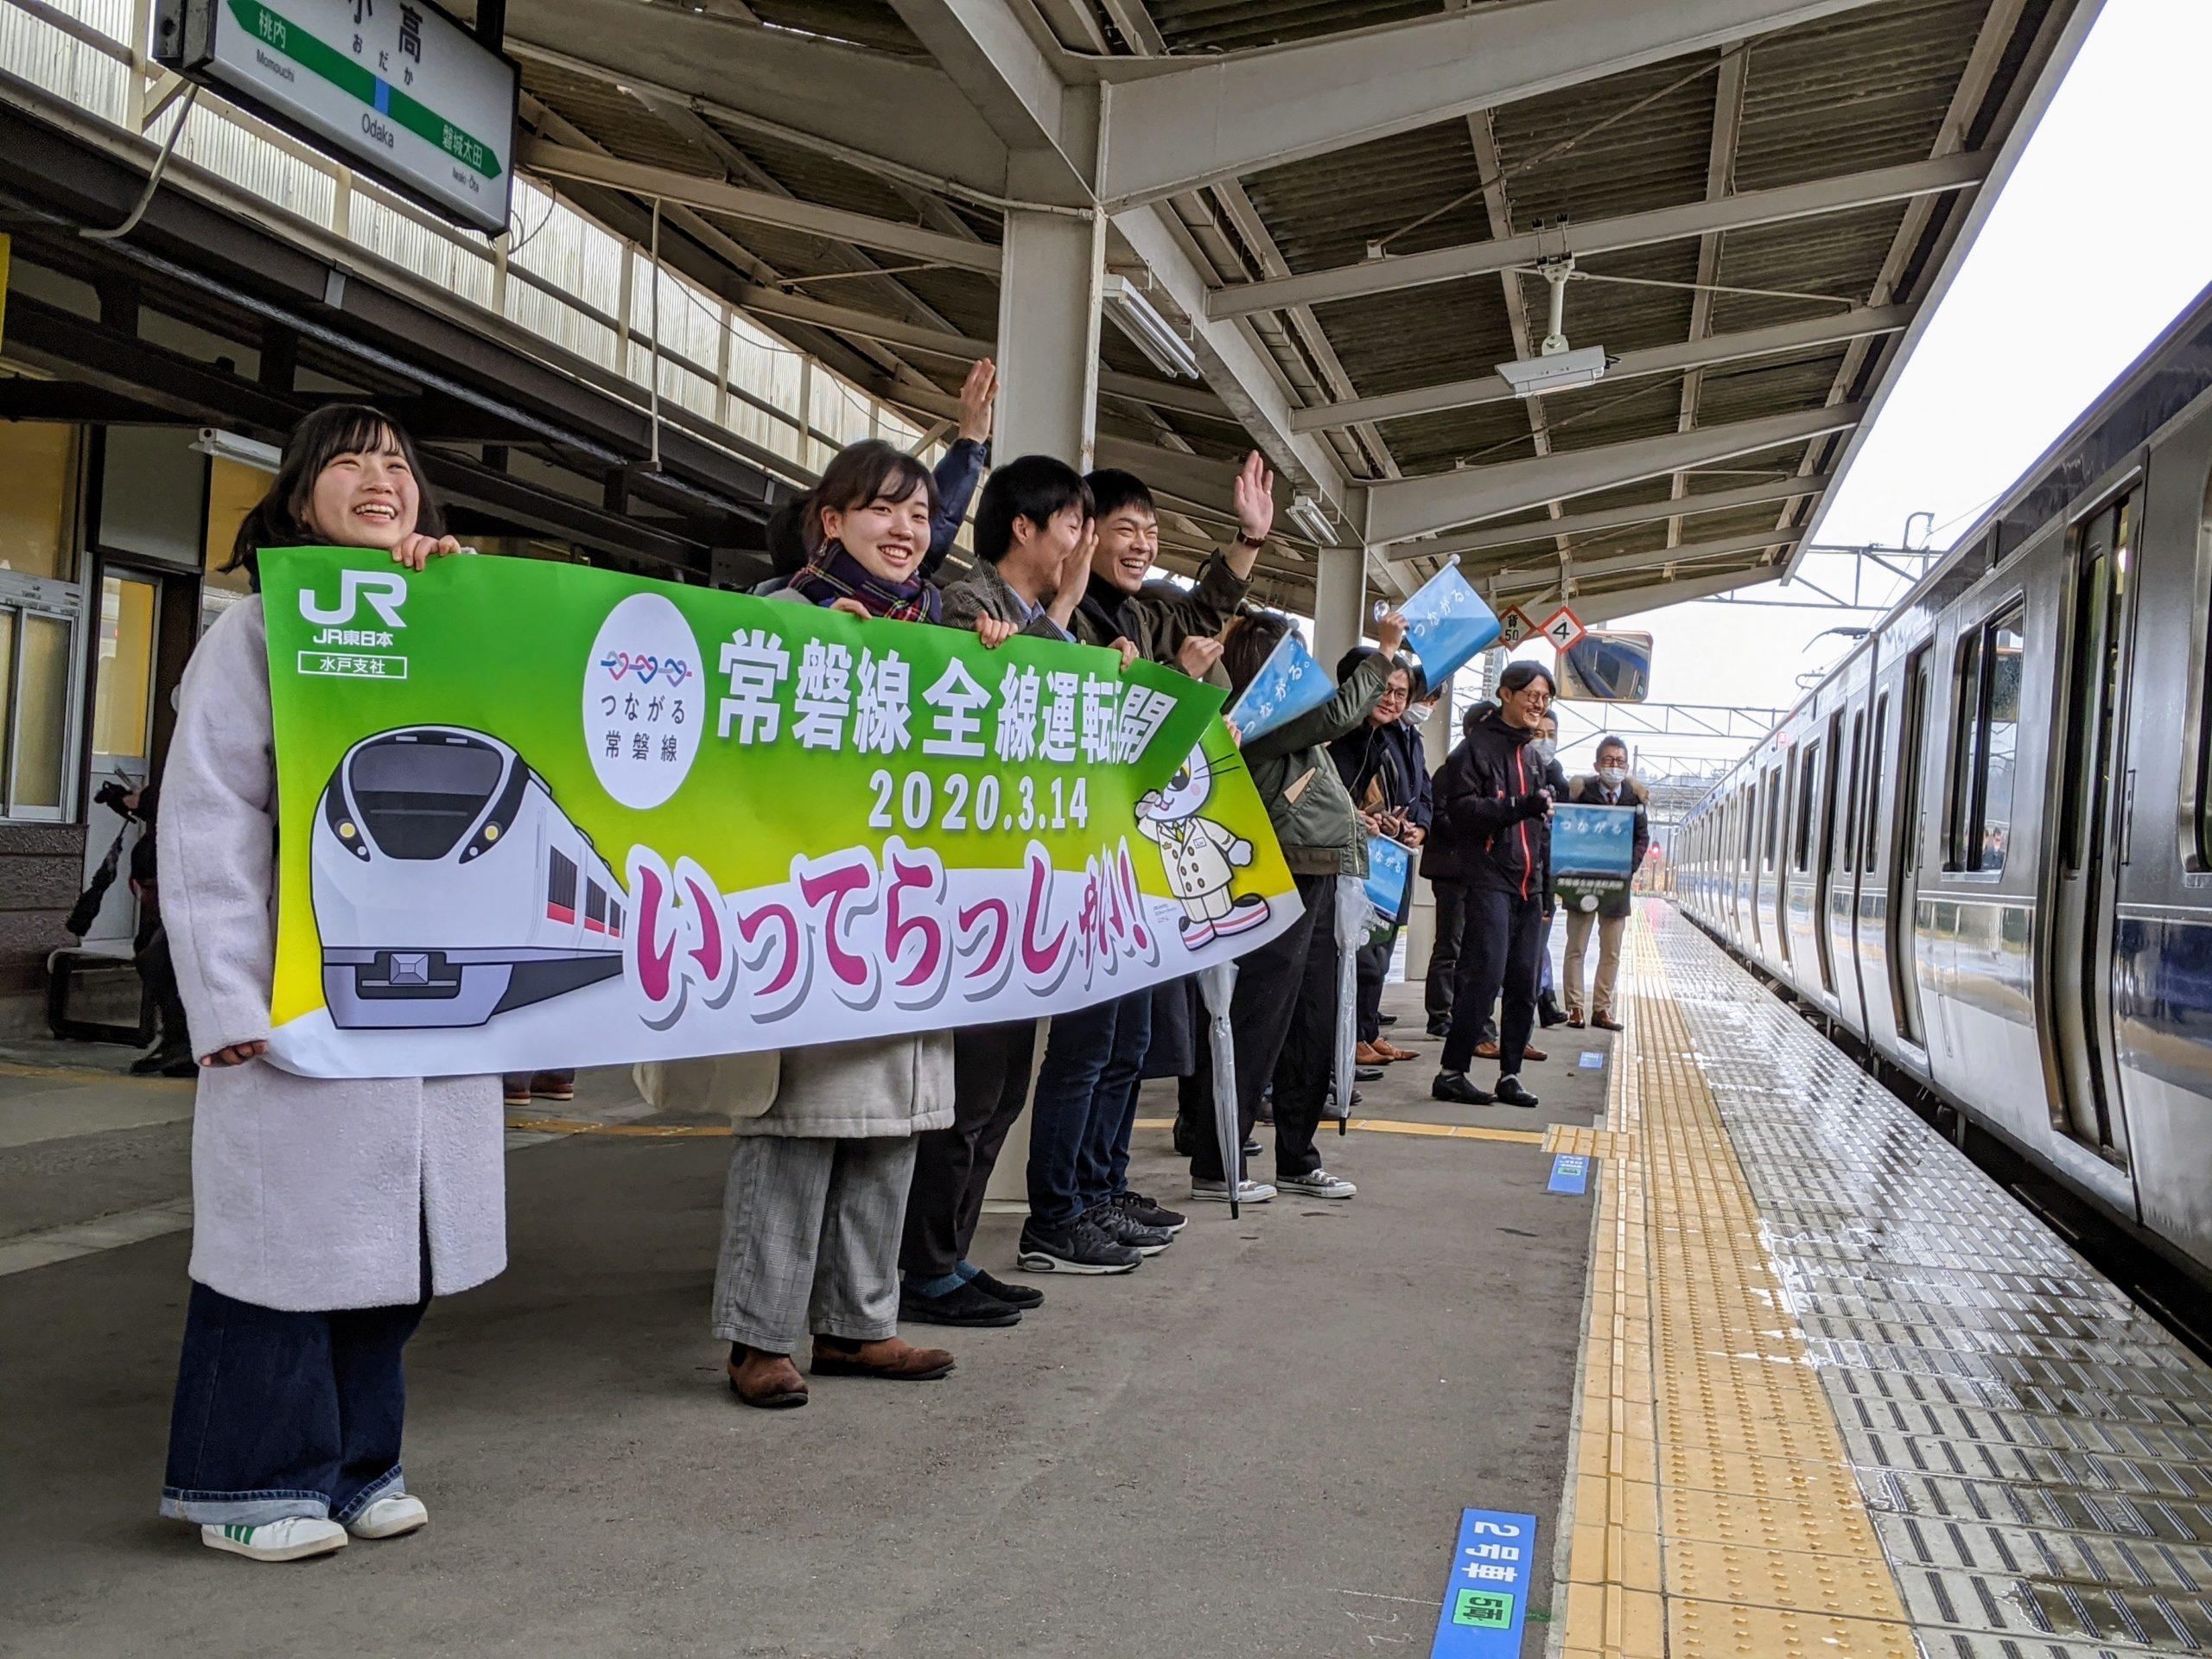 祝!常磐線全通再開 JR小高駅を地域活性化の拠点に